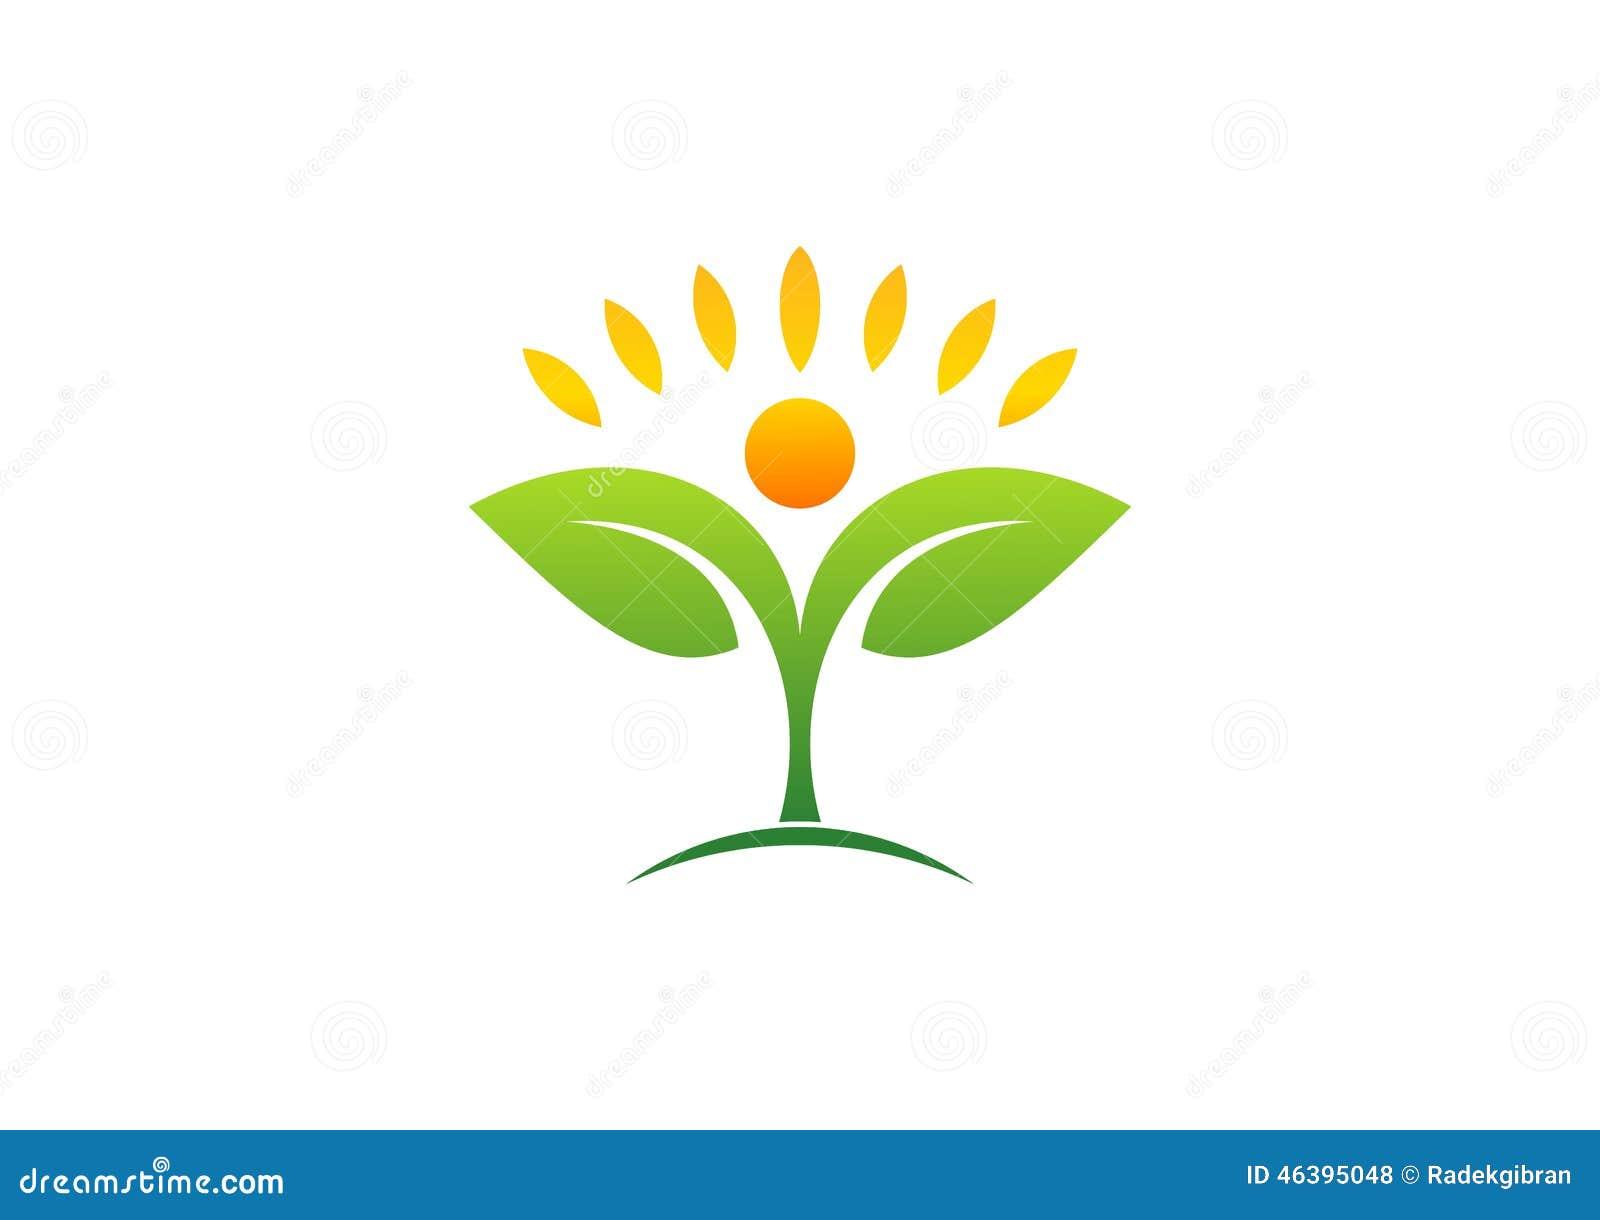 Växt, folk, naturligt, logo, hälsa, sol, blad, botanik, ekologi, symbol och symbol